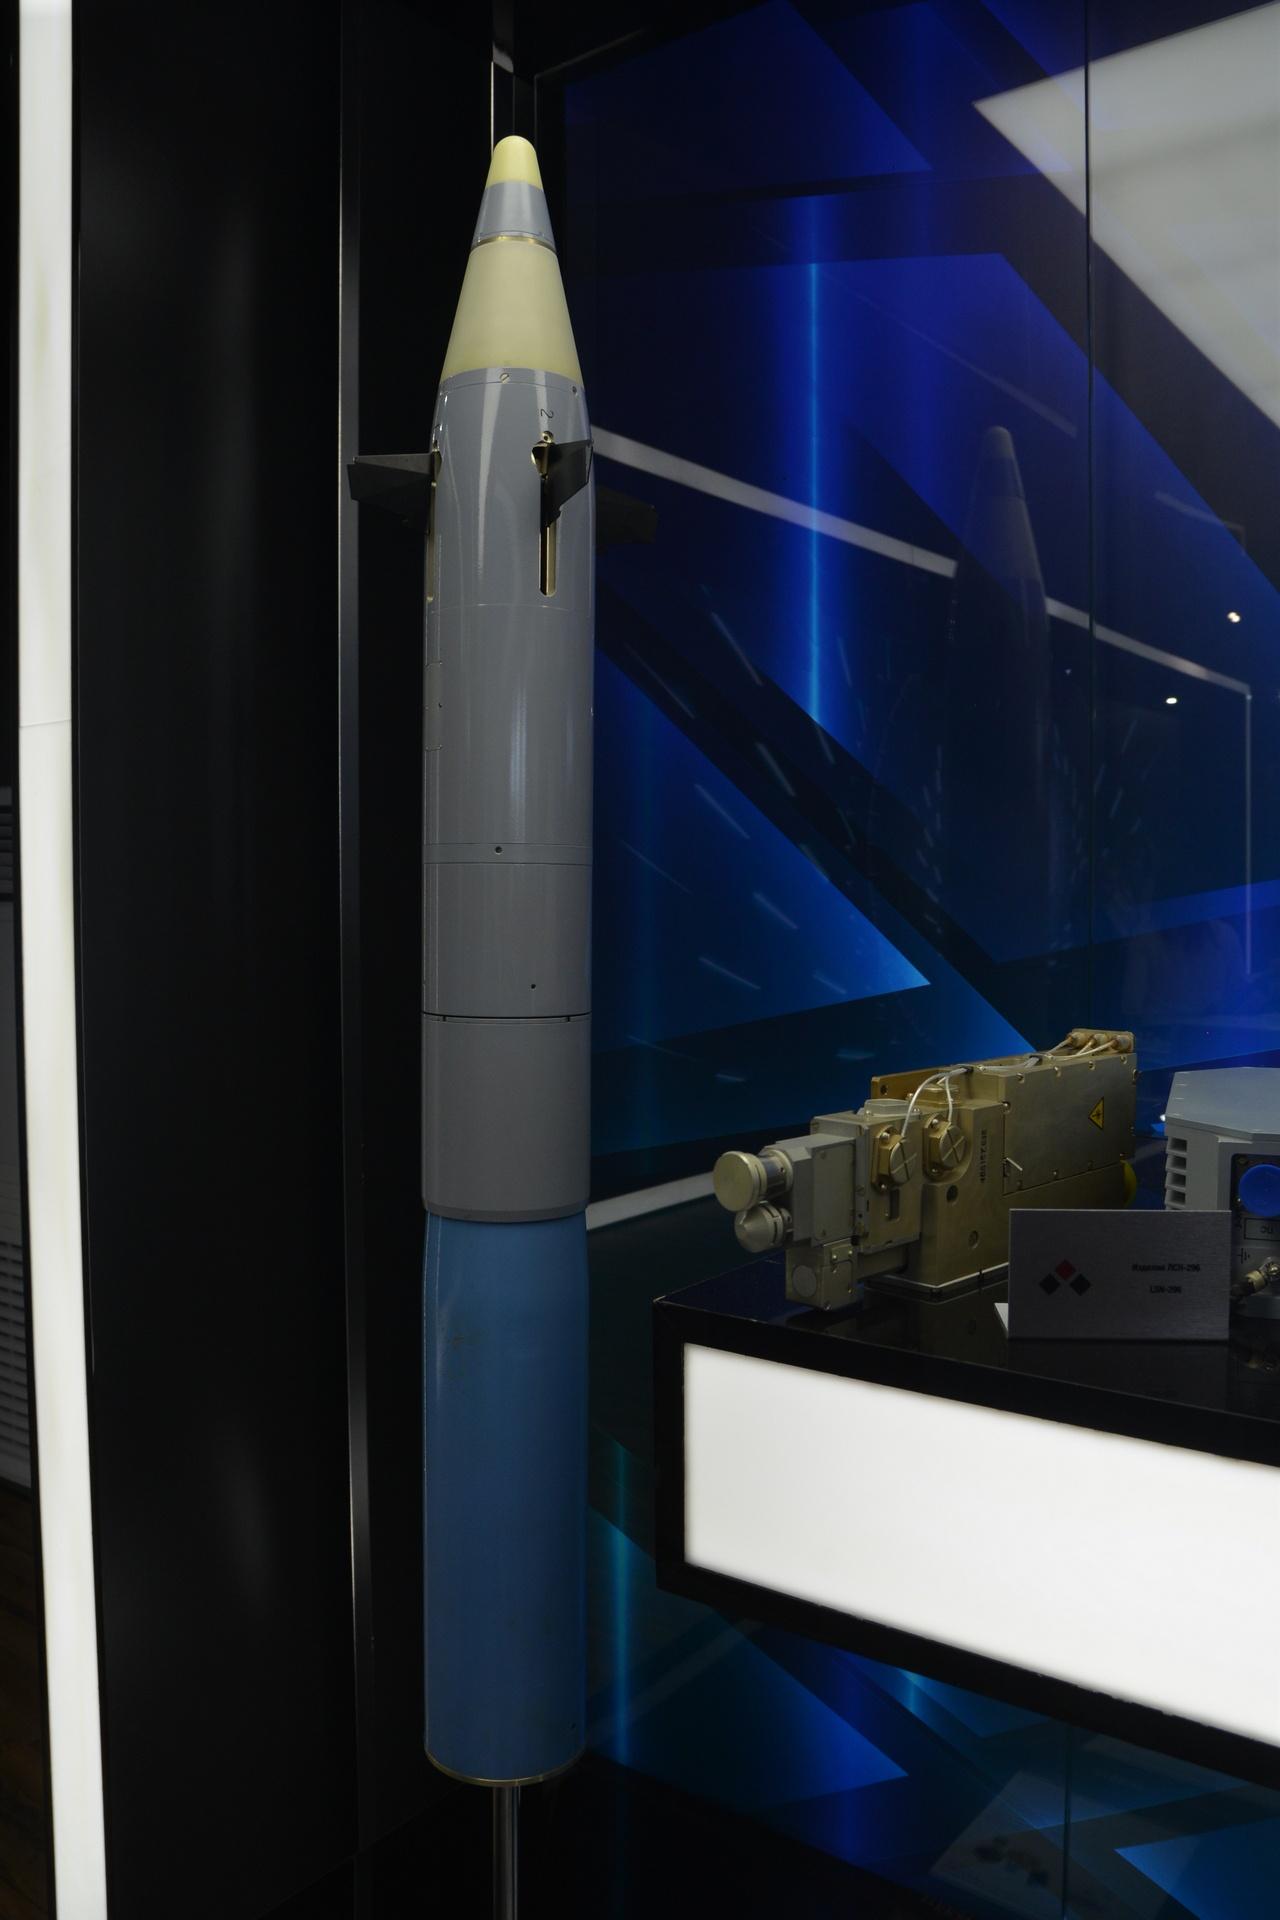 Отсек управления 122-мм реактивного снаряда ОУ-122.